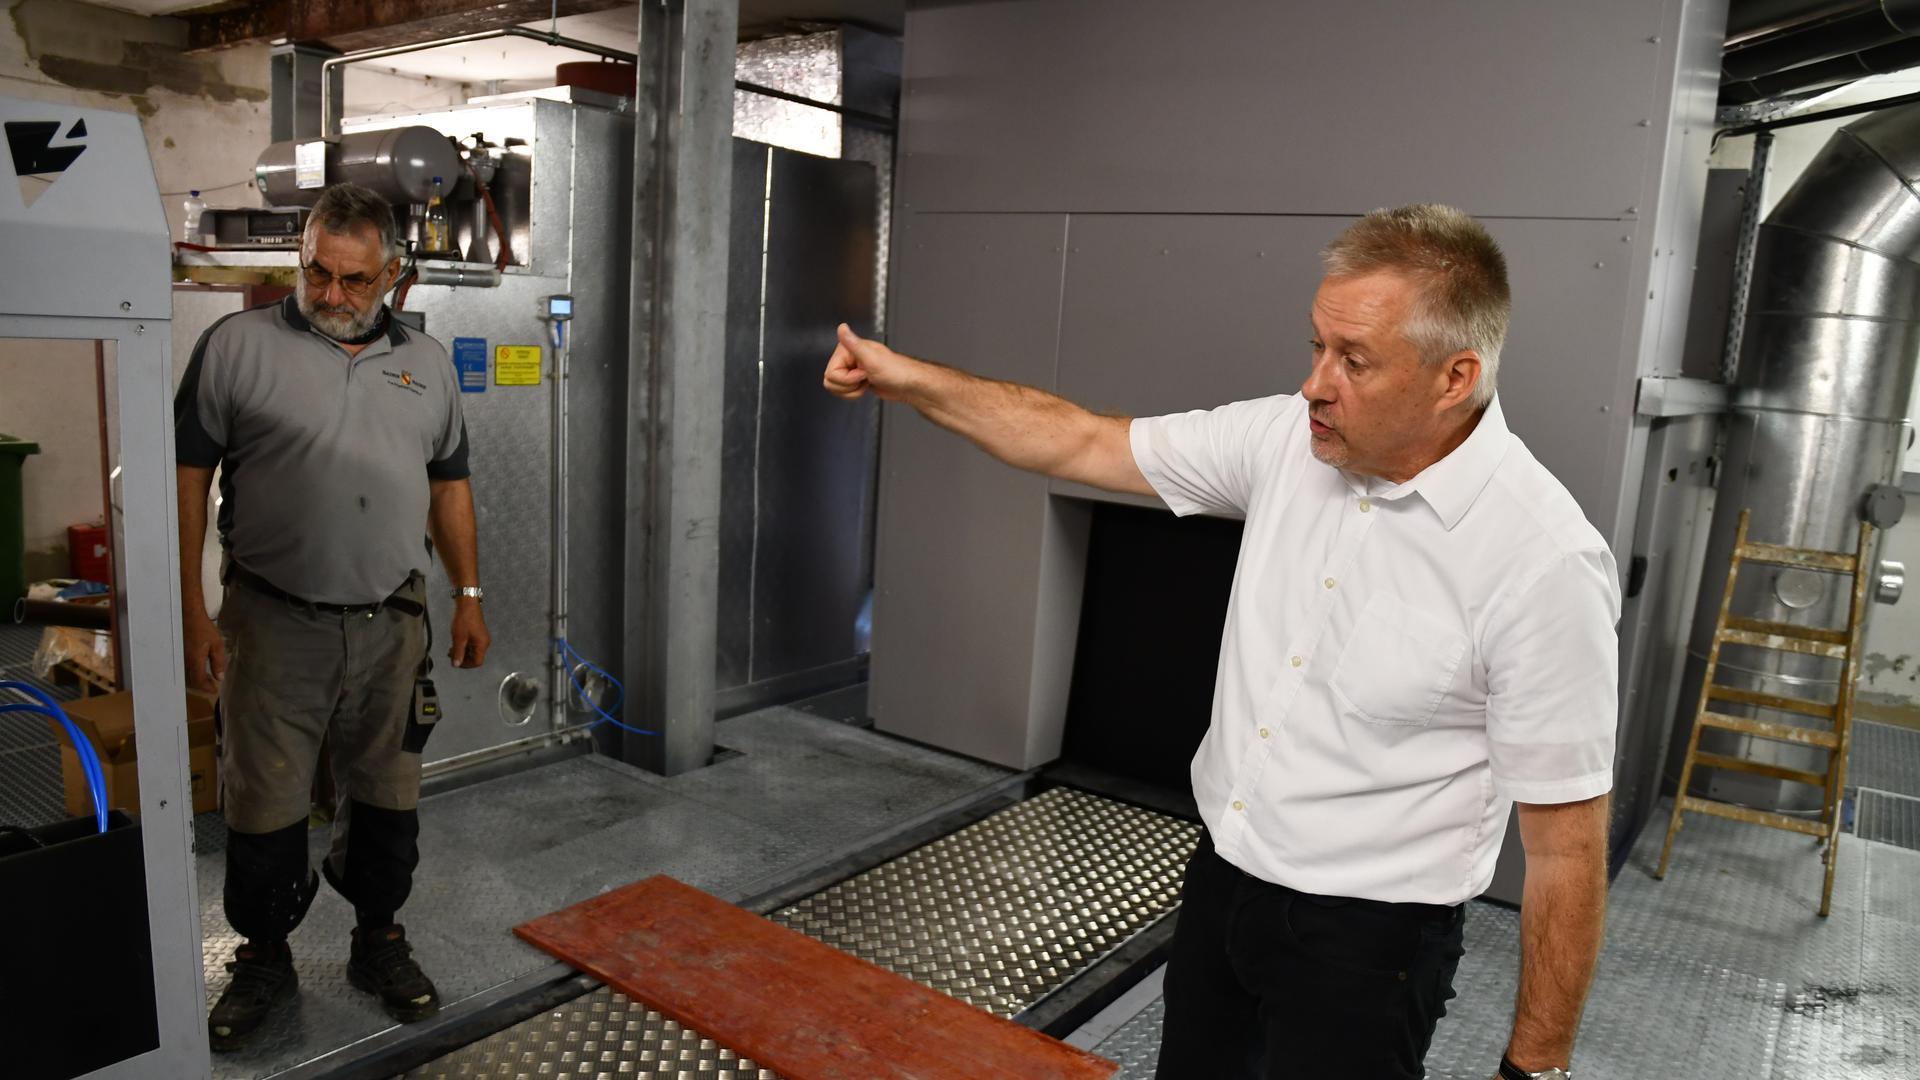 Ein Mann in weißem Hemd zeigt eine Abwärtsbewegung mit dem Daumen. Ein zweiter Mann schaut zu. Im Hintergrund befindet sich der neue Ofen des Krematoriums.